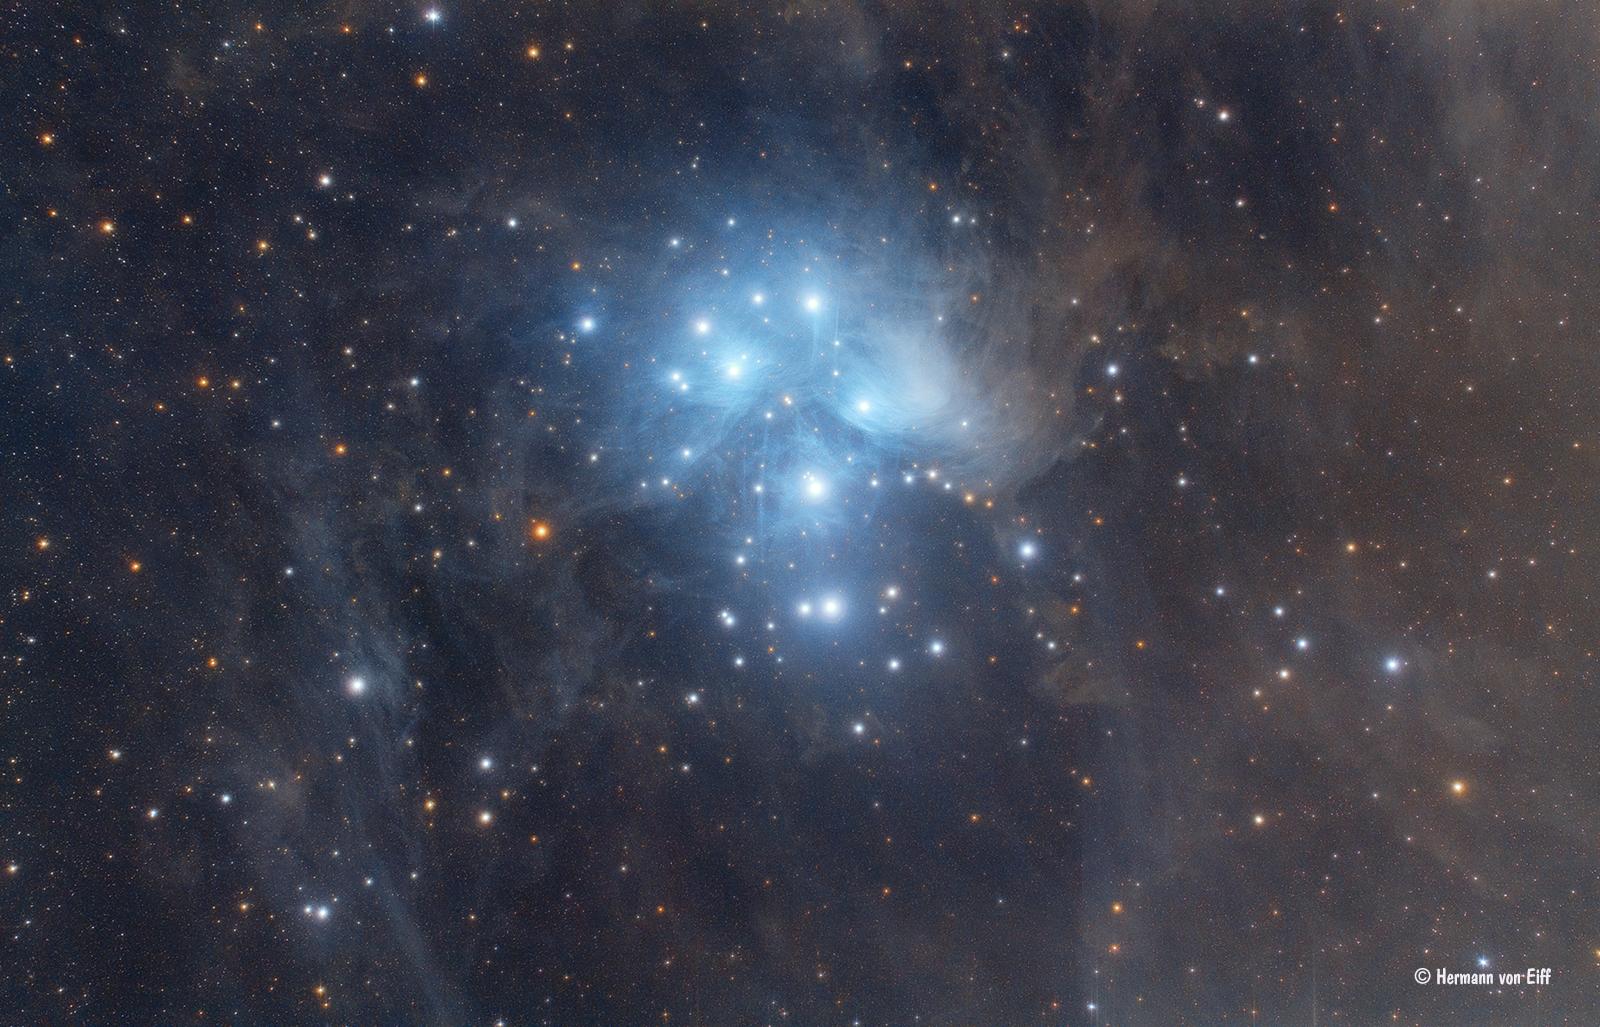 nasa photos of pleiades - photo #5